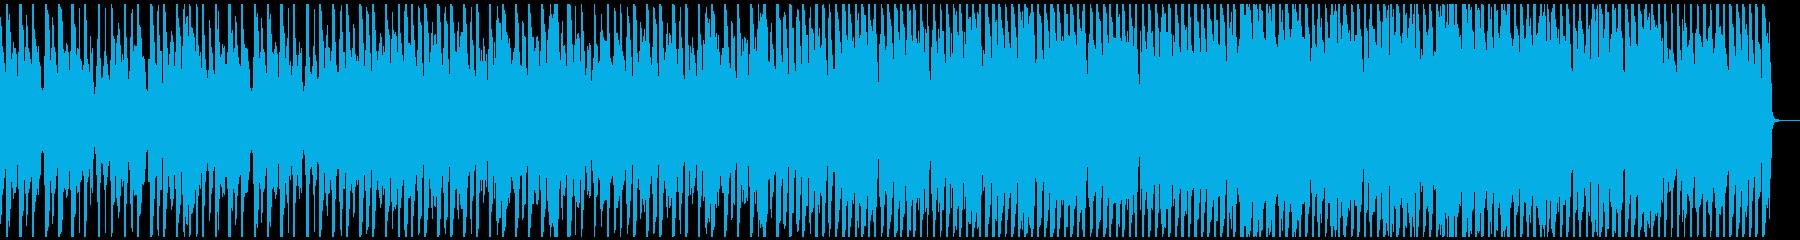 ジングルベル ウクレレでゆったり南国風にの再生済みの波形